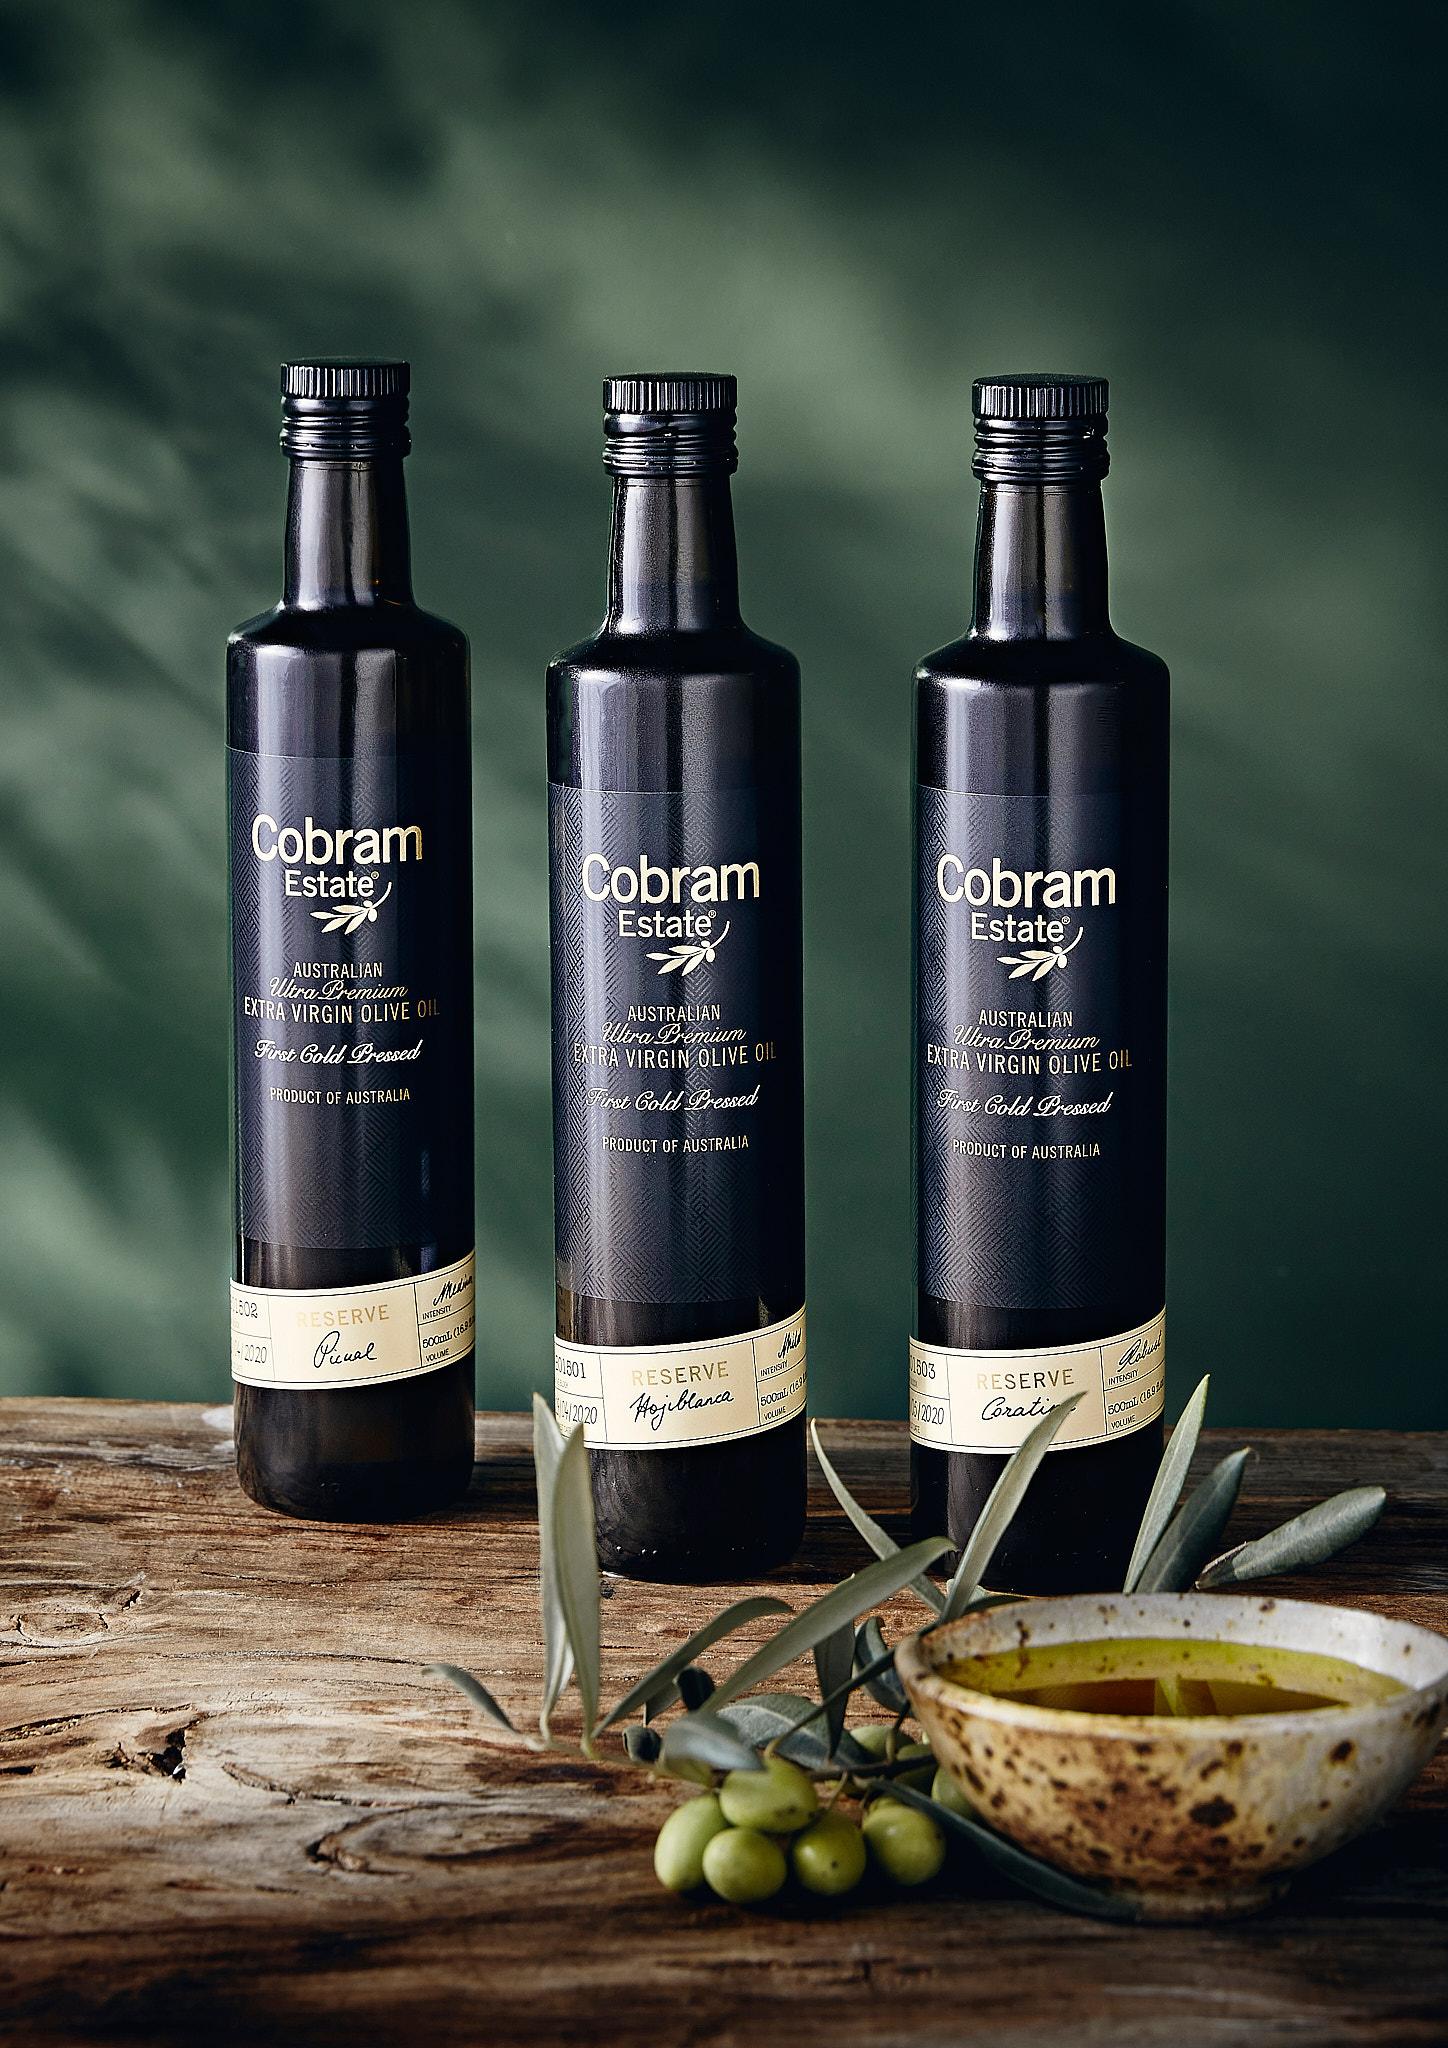 Cobram Estate Premium Range